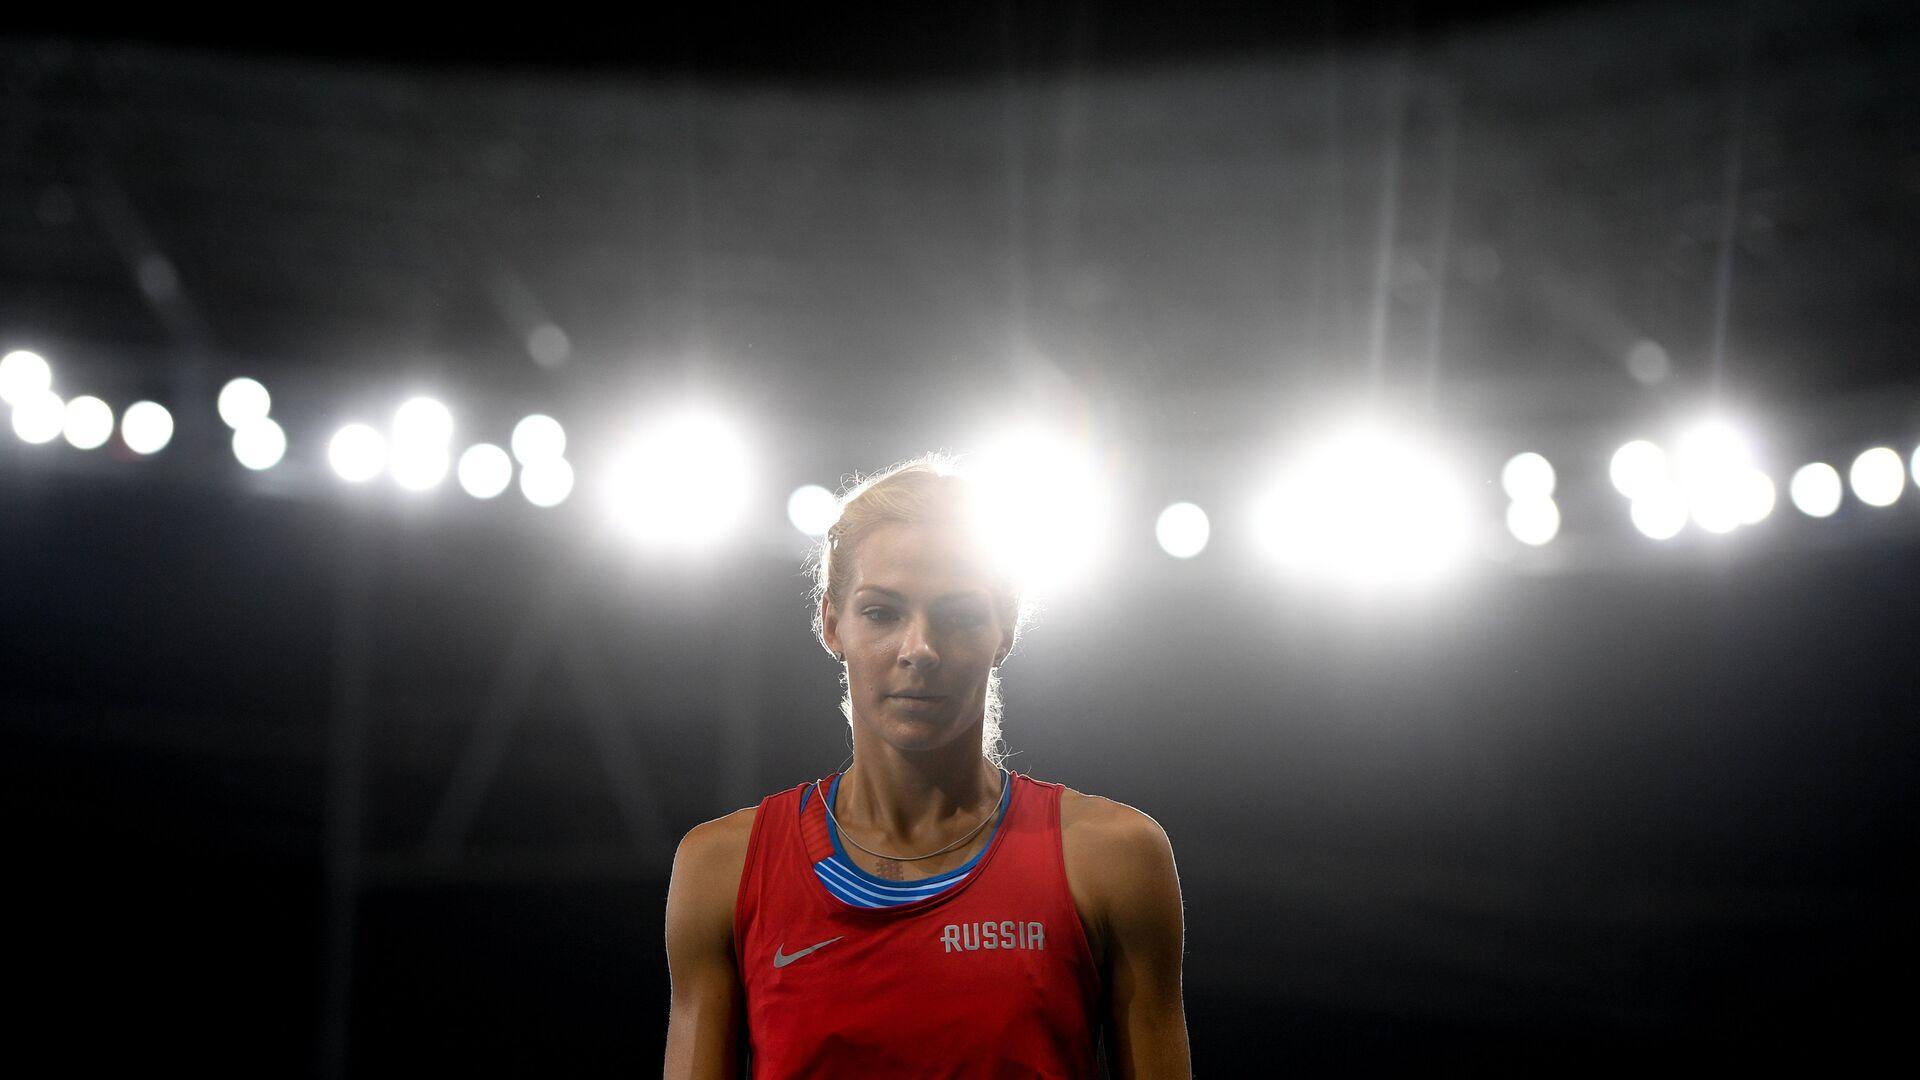 Дарья Клишина во время финальных соревнований по прыжкам в длину на XXXI летних Олимпийских играх - РИА Новости, 1920, 23.12.2020